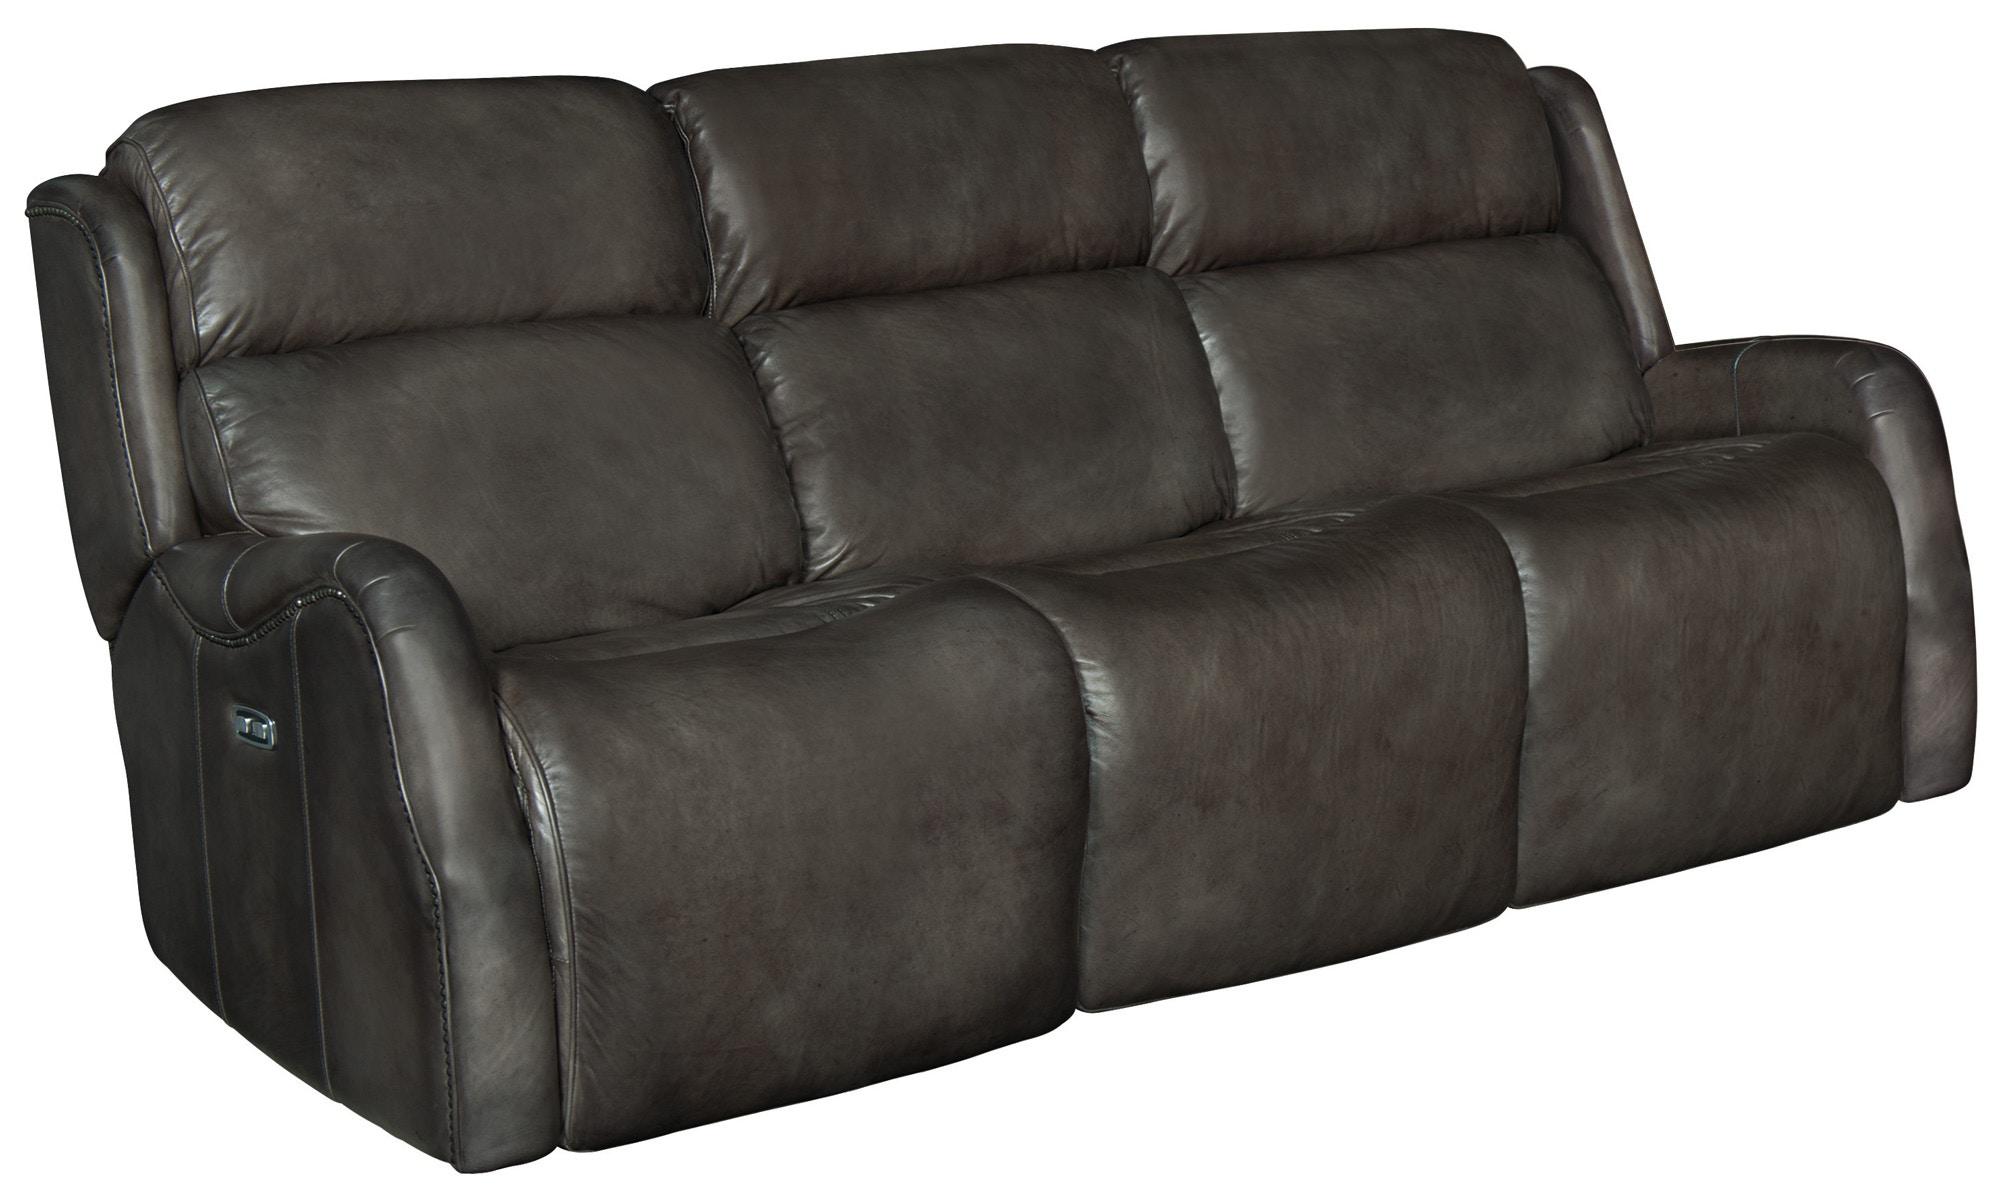 Bernhardt Furniture Derek Power Motion Sofa 397RL